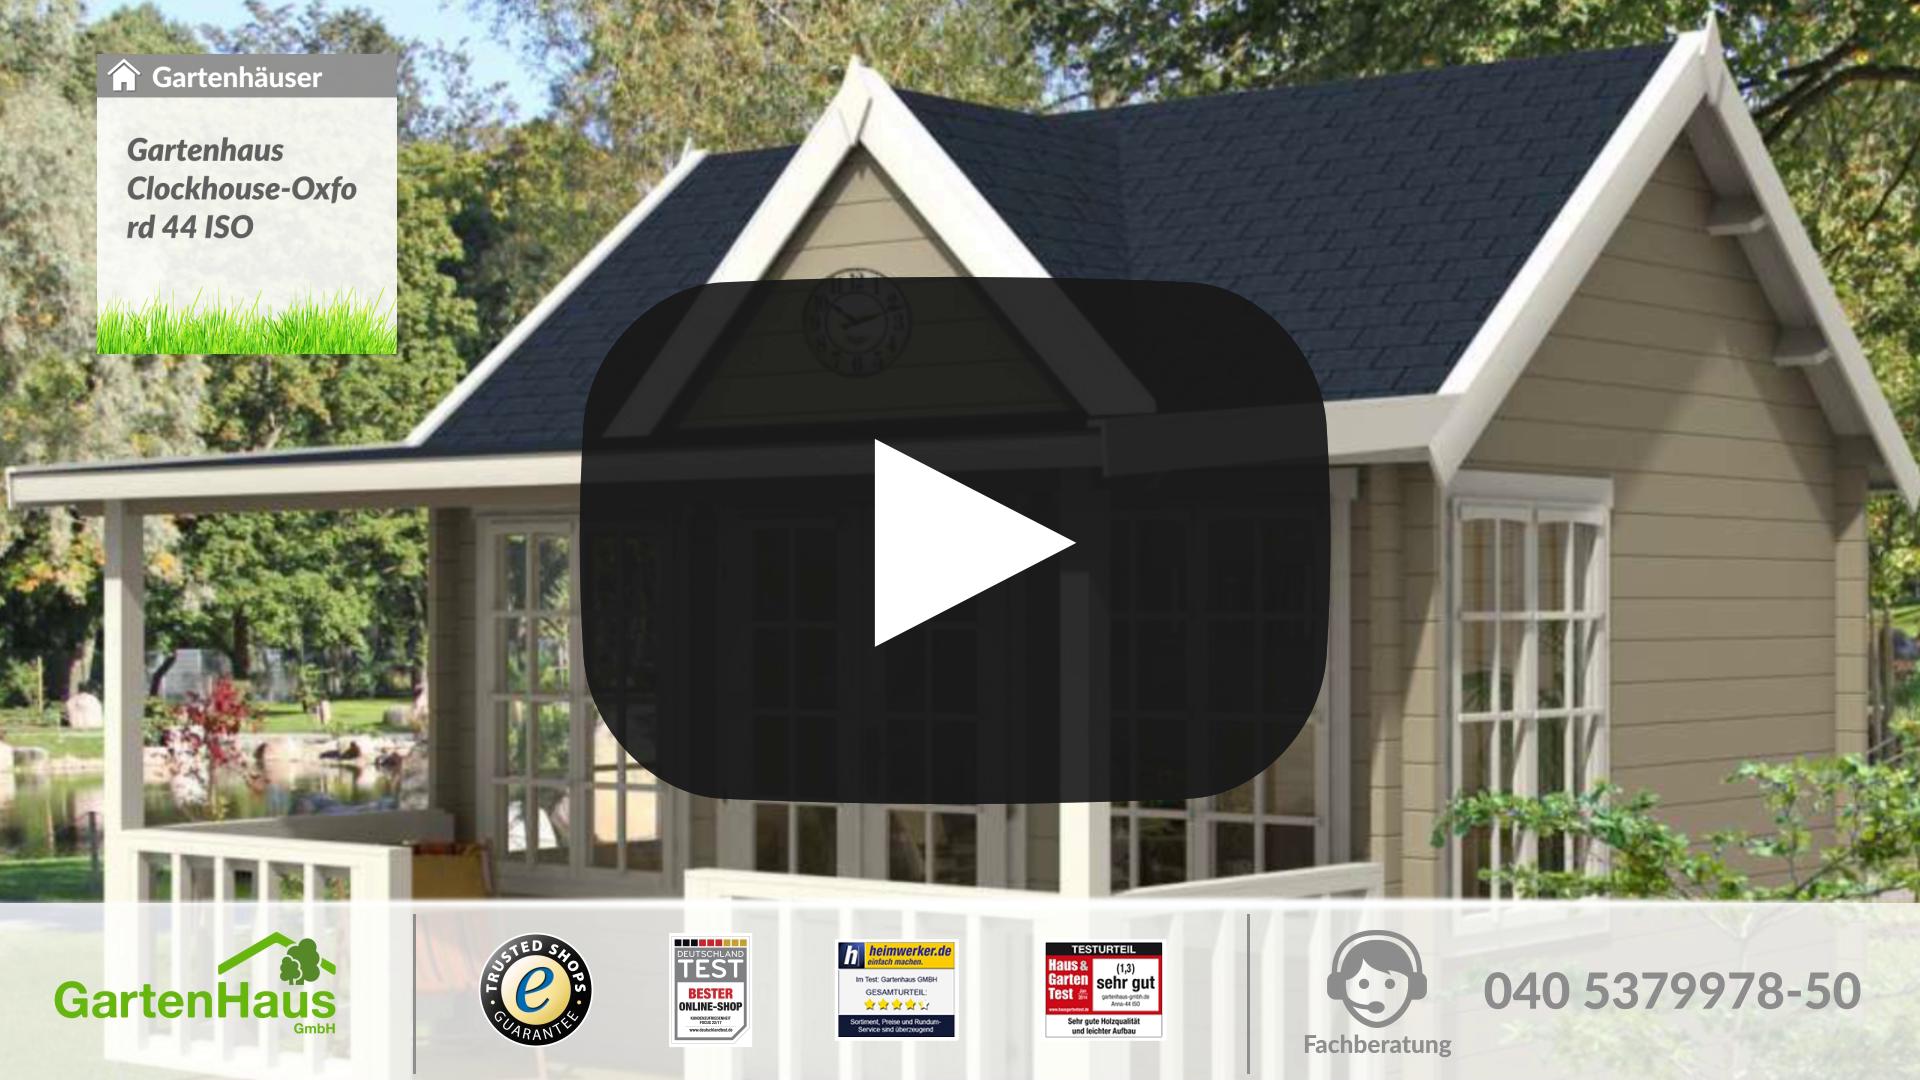 Die Gartenhaus Gmbh Ist Ihr Günstiger Onlineshop Für Haus Und Garten